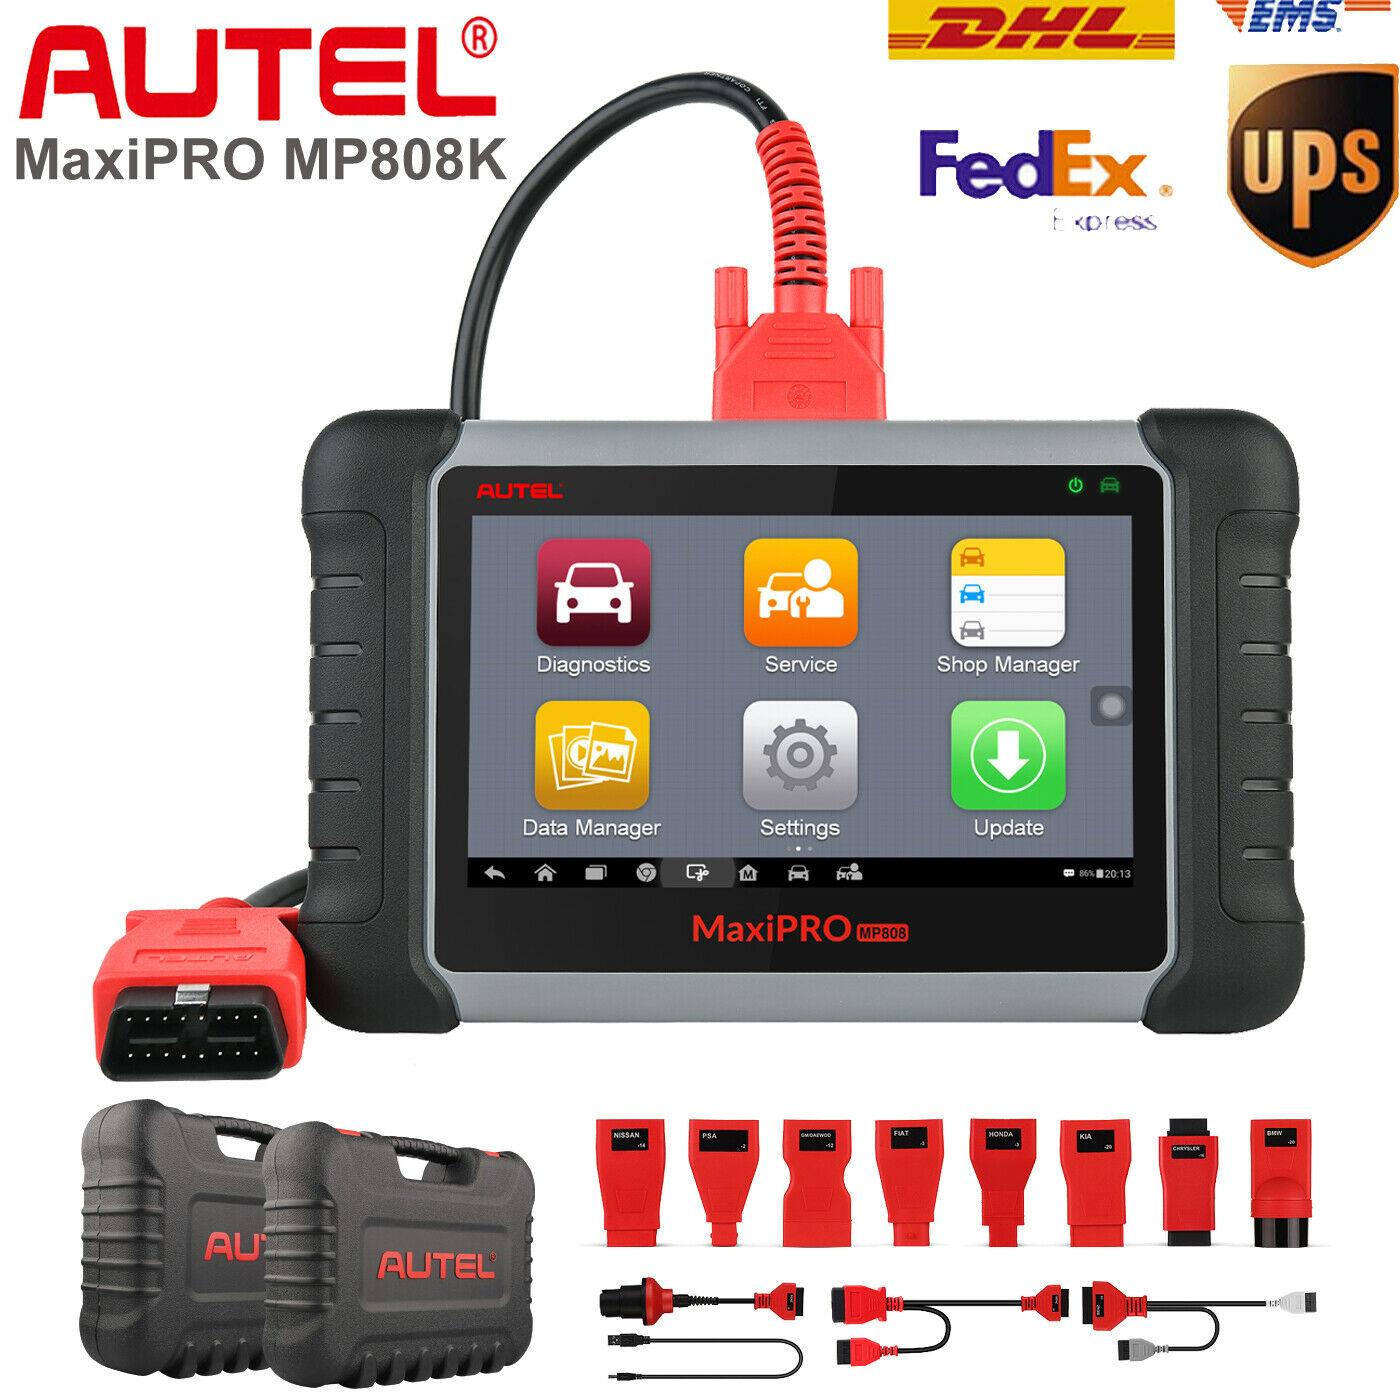 MaxiPRO-Escáner de diagnóstico automotriz, herramienta automática profesional para diagnosticar el coche, Autel...